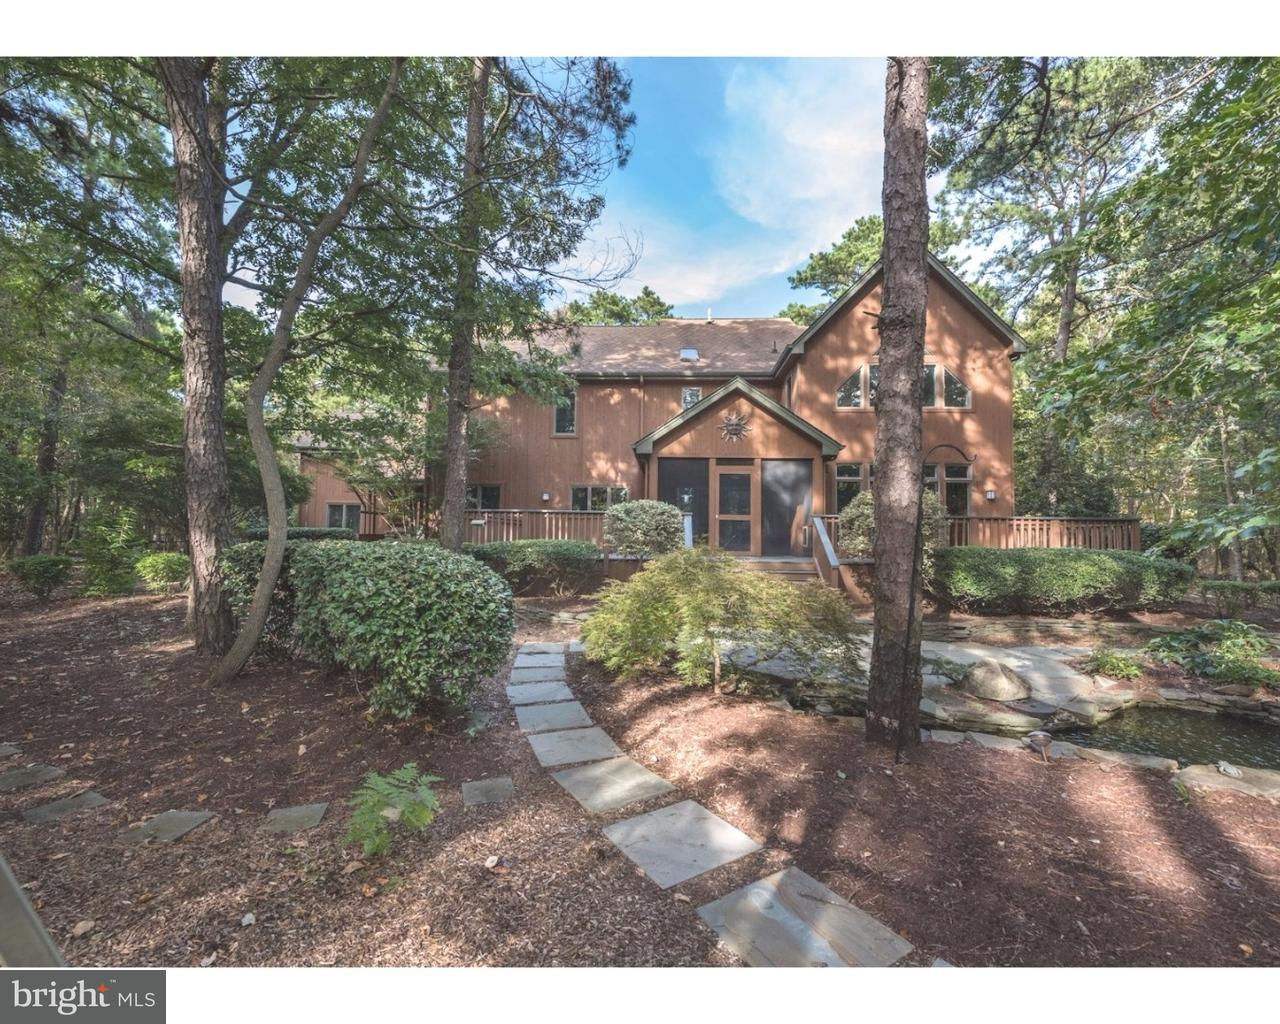 Частный односемейный дом для того Продажа на 1 SILVER STAR Trail Medford, Нью-Джерси 08055 Соединенные Штаты